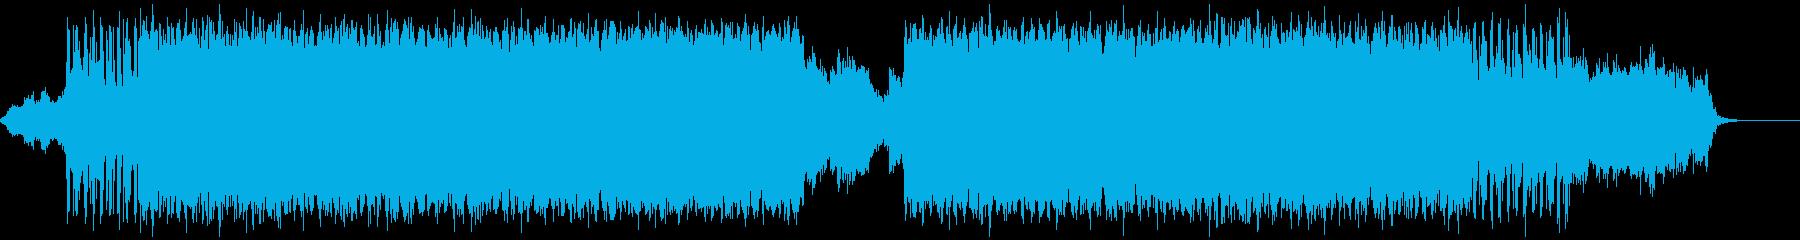 シンセとキックと808で跳ねるレゲトンの再生済みの波形